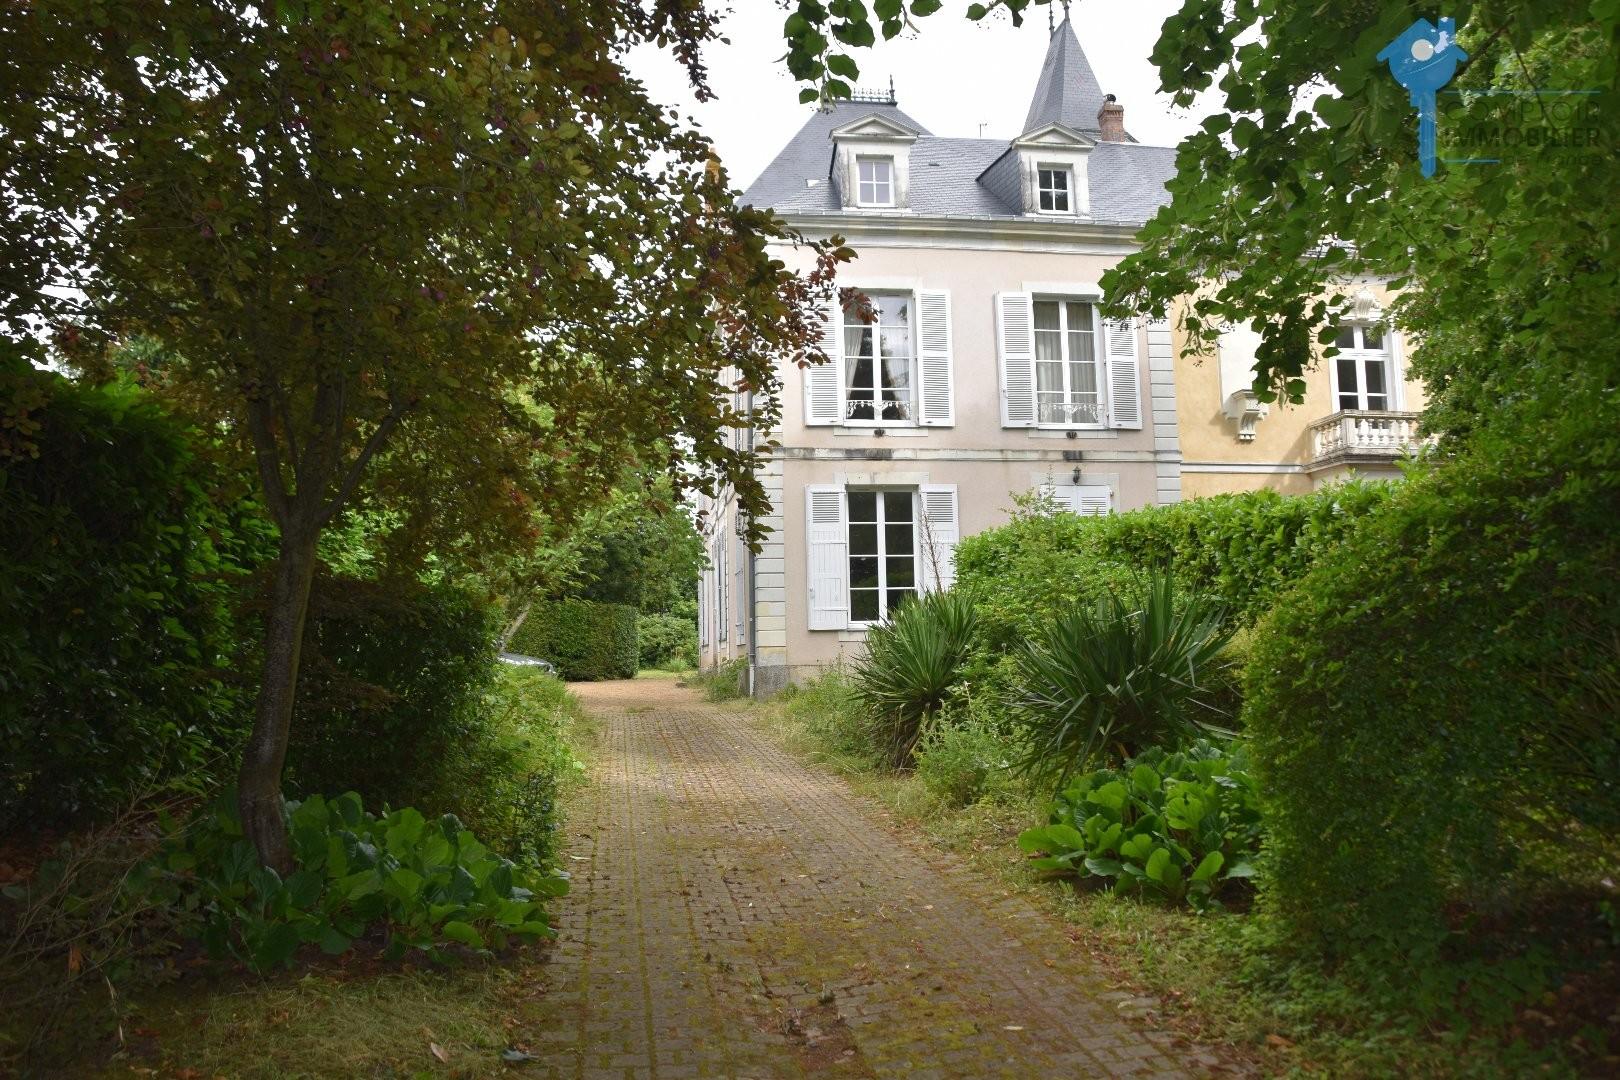 Vente Maison Le Lion D Angers 49220 Sur Le Partenaire Page 1